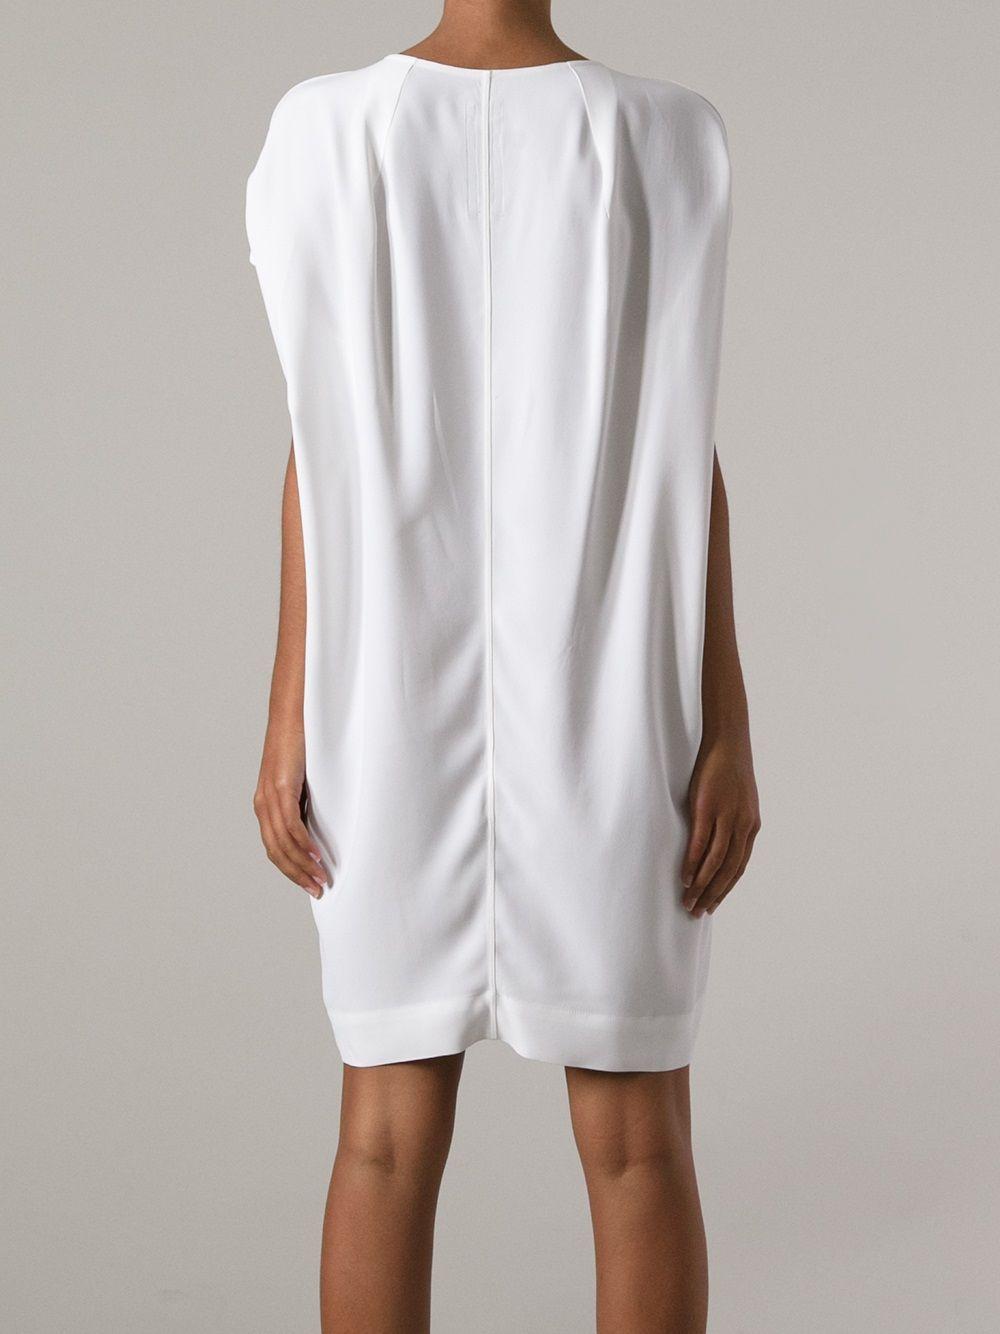 Rick Owens Short Sleeve Dress - Eraldo - Farfetch.com.br